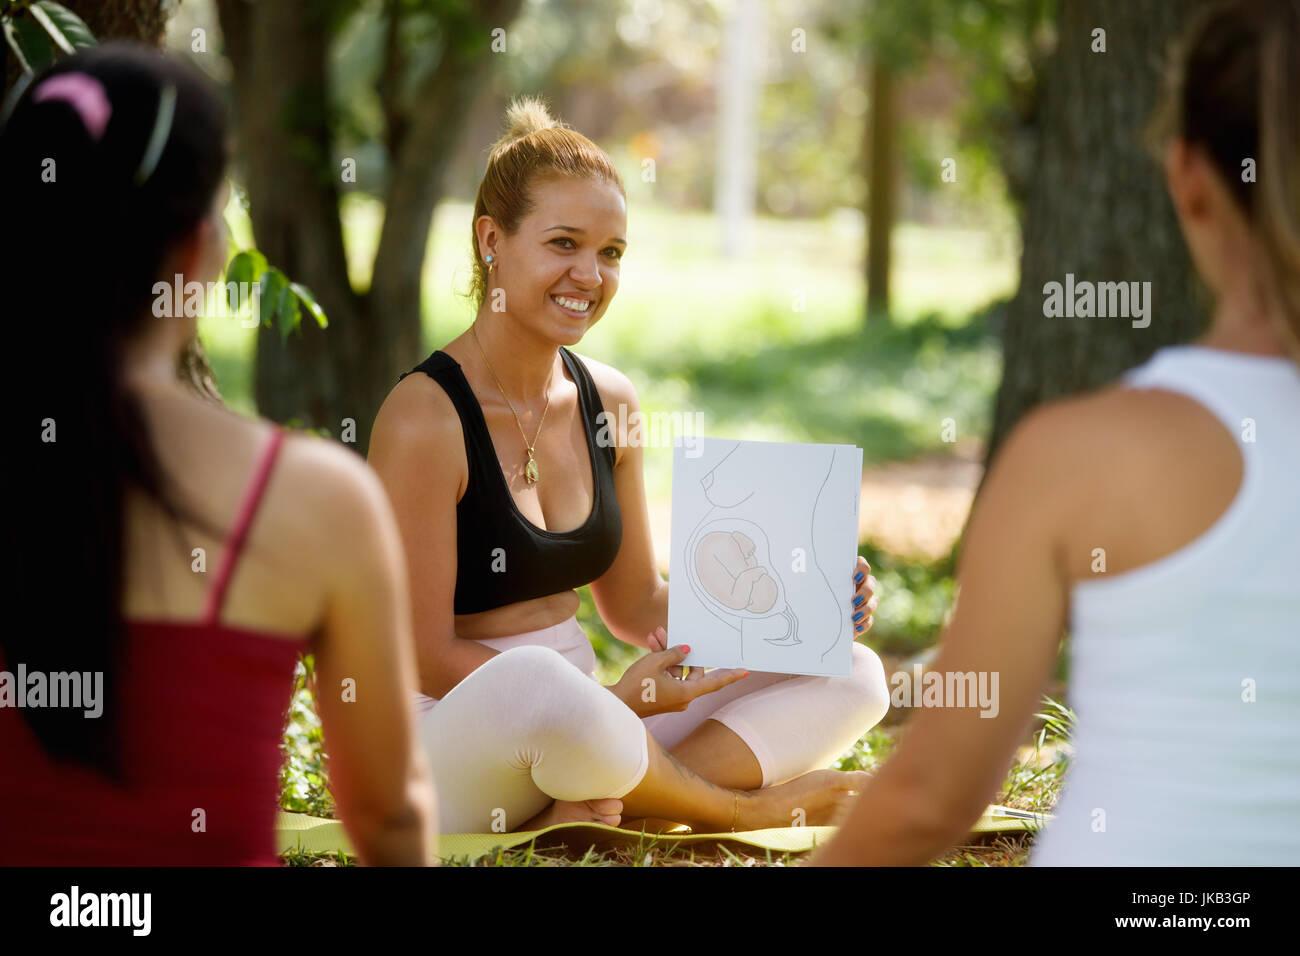 Donne in stato di gravidanza prendendo lezione prenatale nel parco. Maestro di spiegare la crescita del bambino Immagini Stock